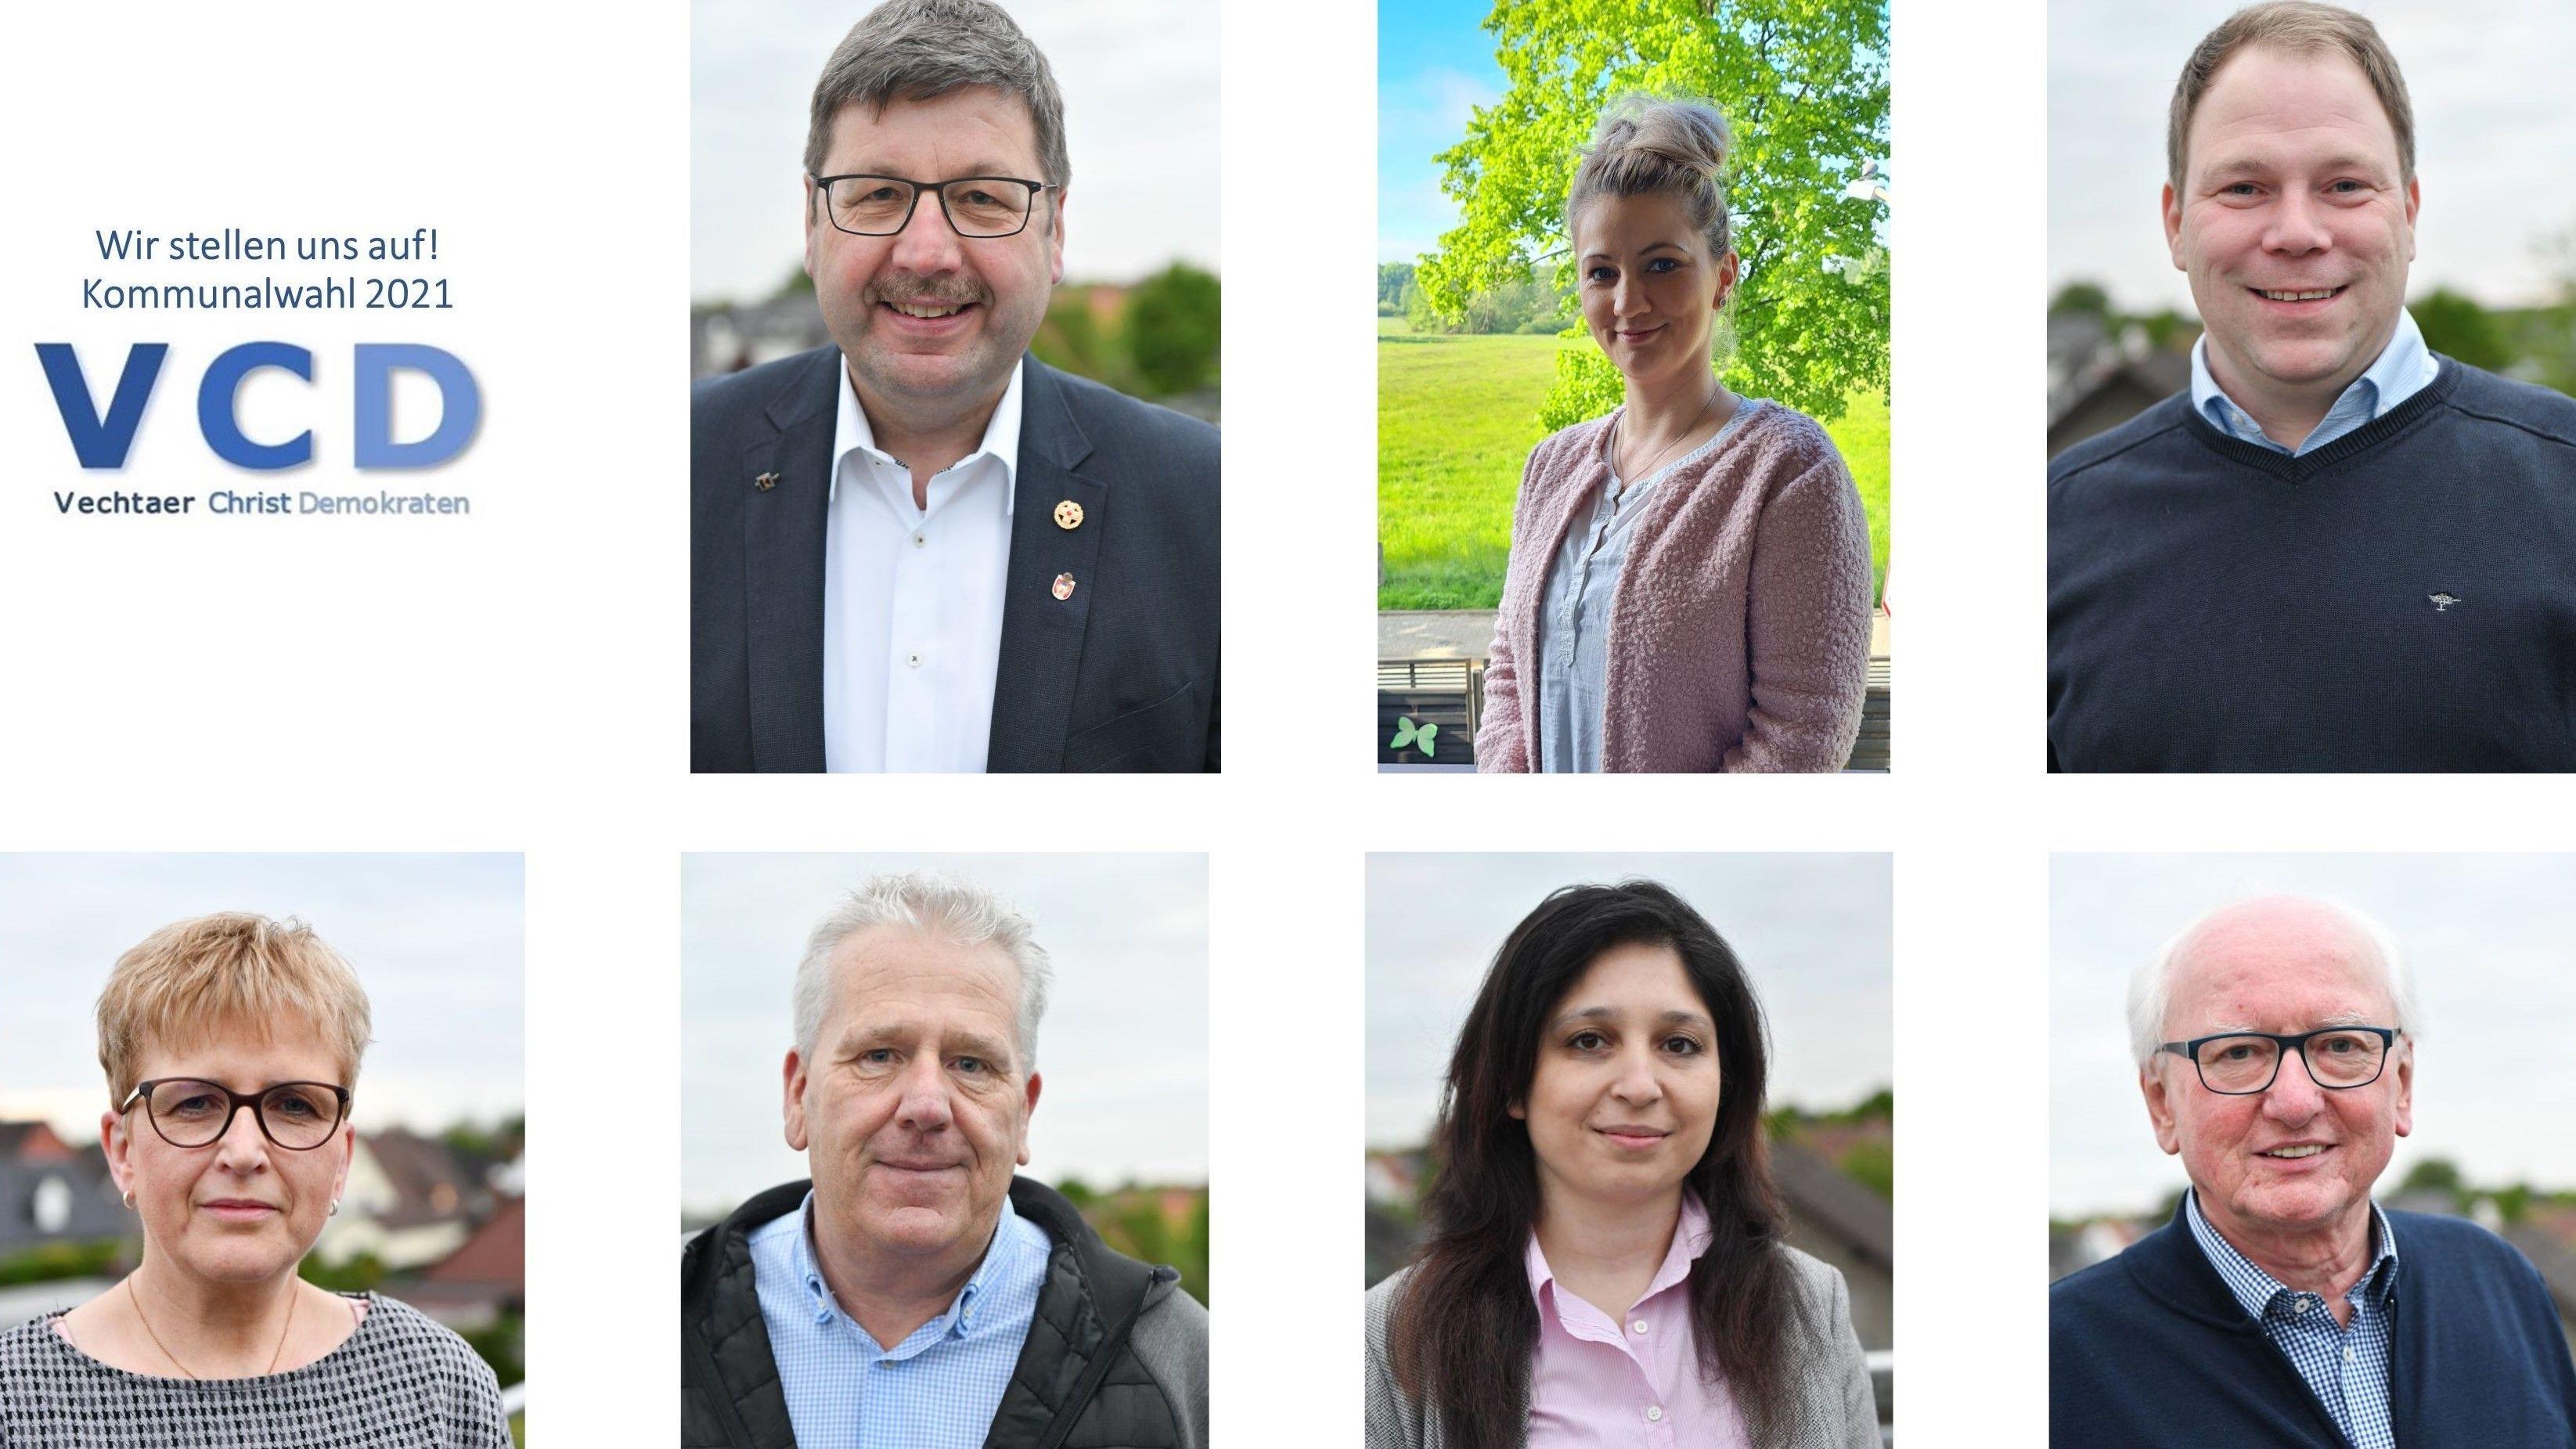 Sie gehen für die Vechtaer Christdemokraten ins Wahlrennen: (oben von links) Stephan Sieveke, Jessica Sylaj, Marcel Sordon sowie (unten von links) Martina Sommer, Frank Calvelage, Amira Hasso und Norbert Krümpelbeck. Fotocollage: VCD